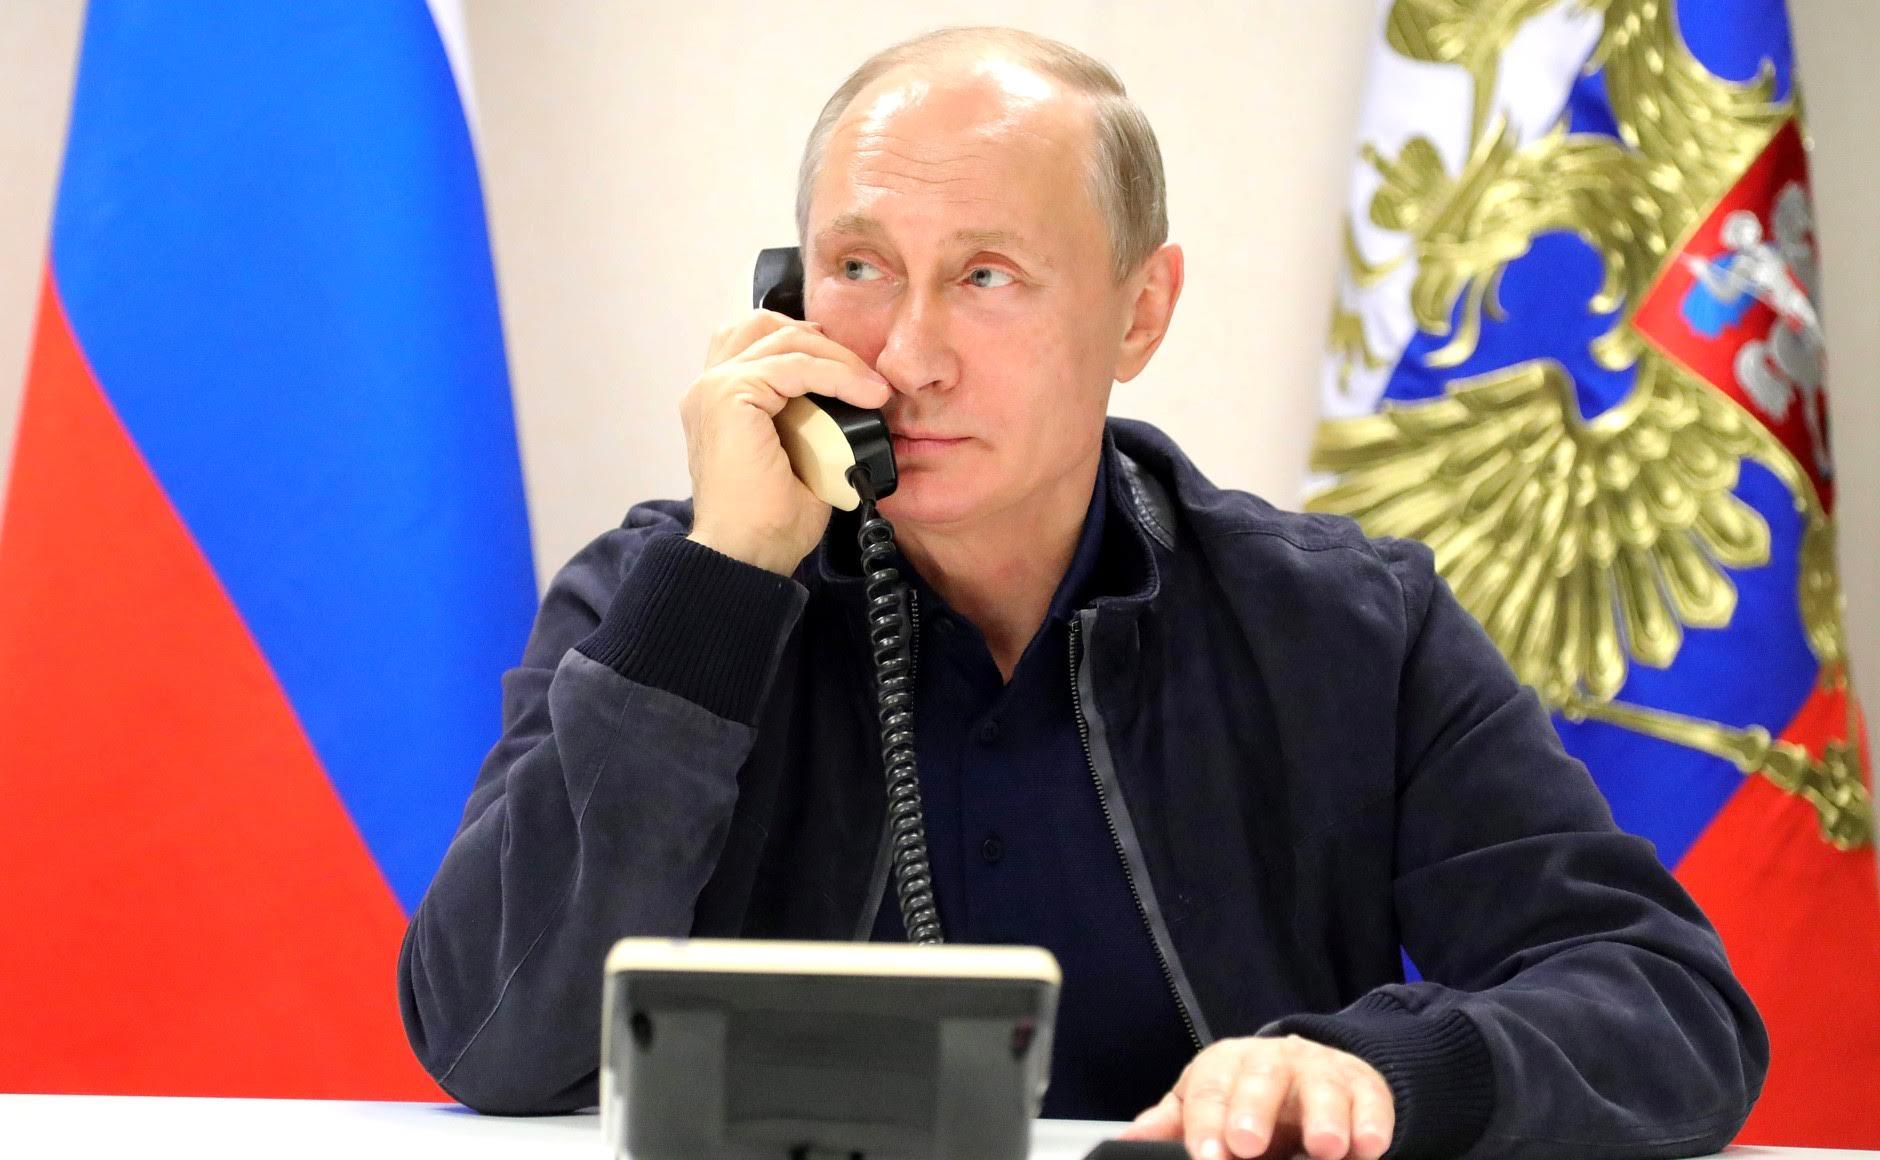 Πετρέλαιο: Παραμένει από επιλογή εκτός ΟΠΕΚ η Ρωσία